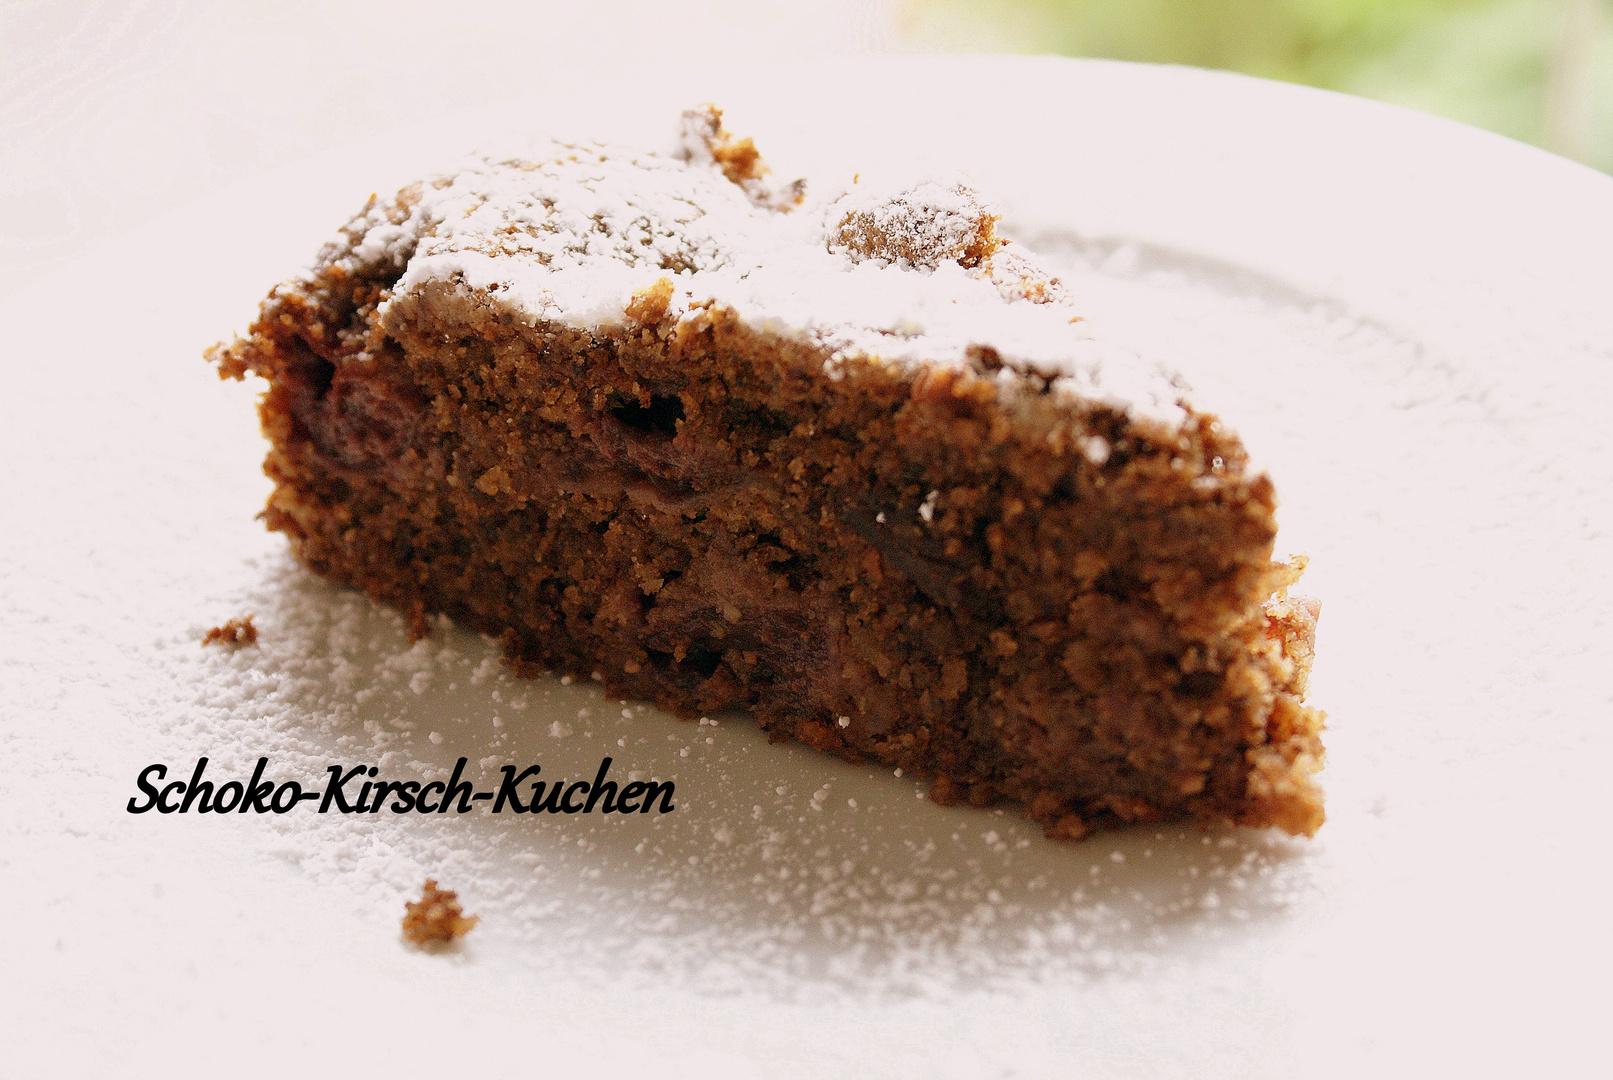 Schoko Kirsch Kuchen Foto Bild Stillleben Essen Trinken